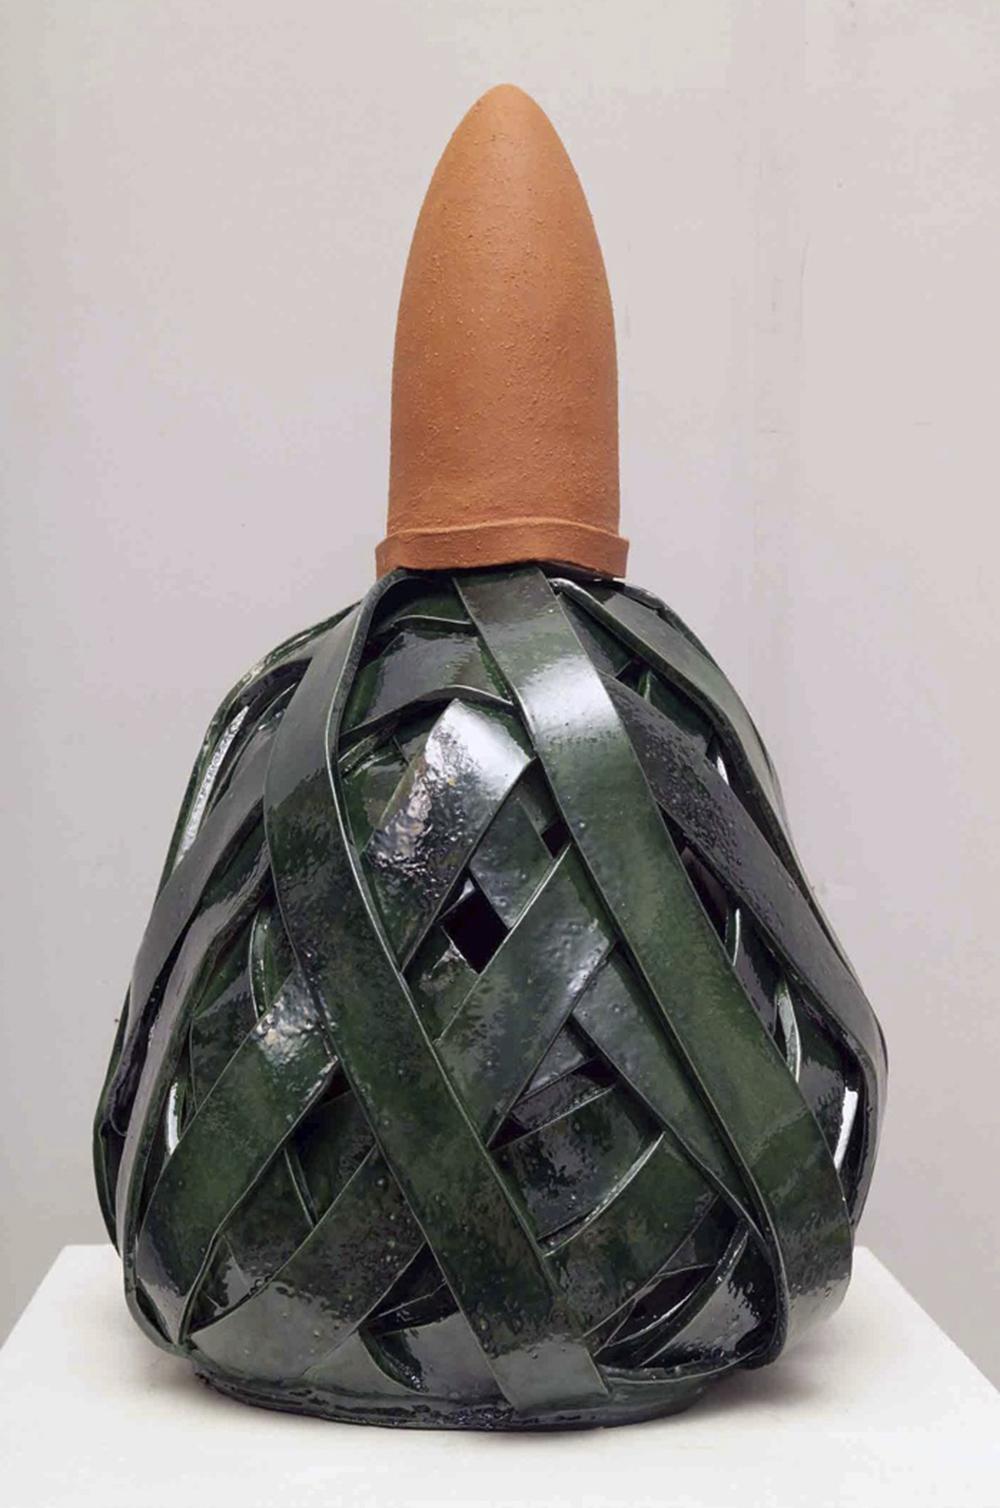 Aldo Mondino, Il turbante, 1990, ceramica, cm h85x55